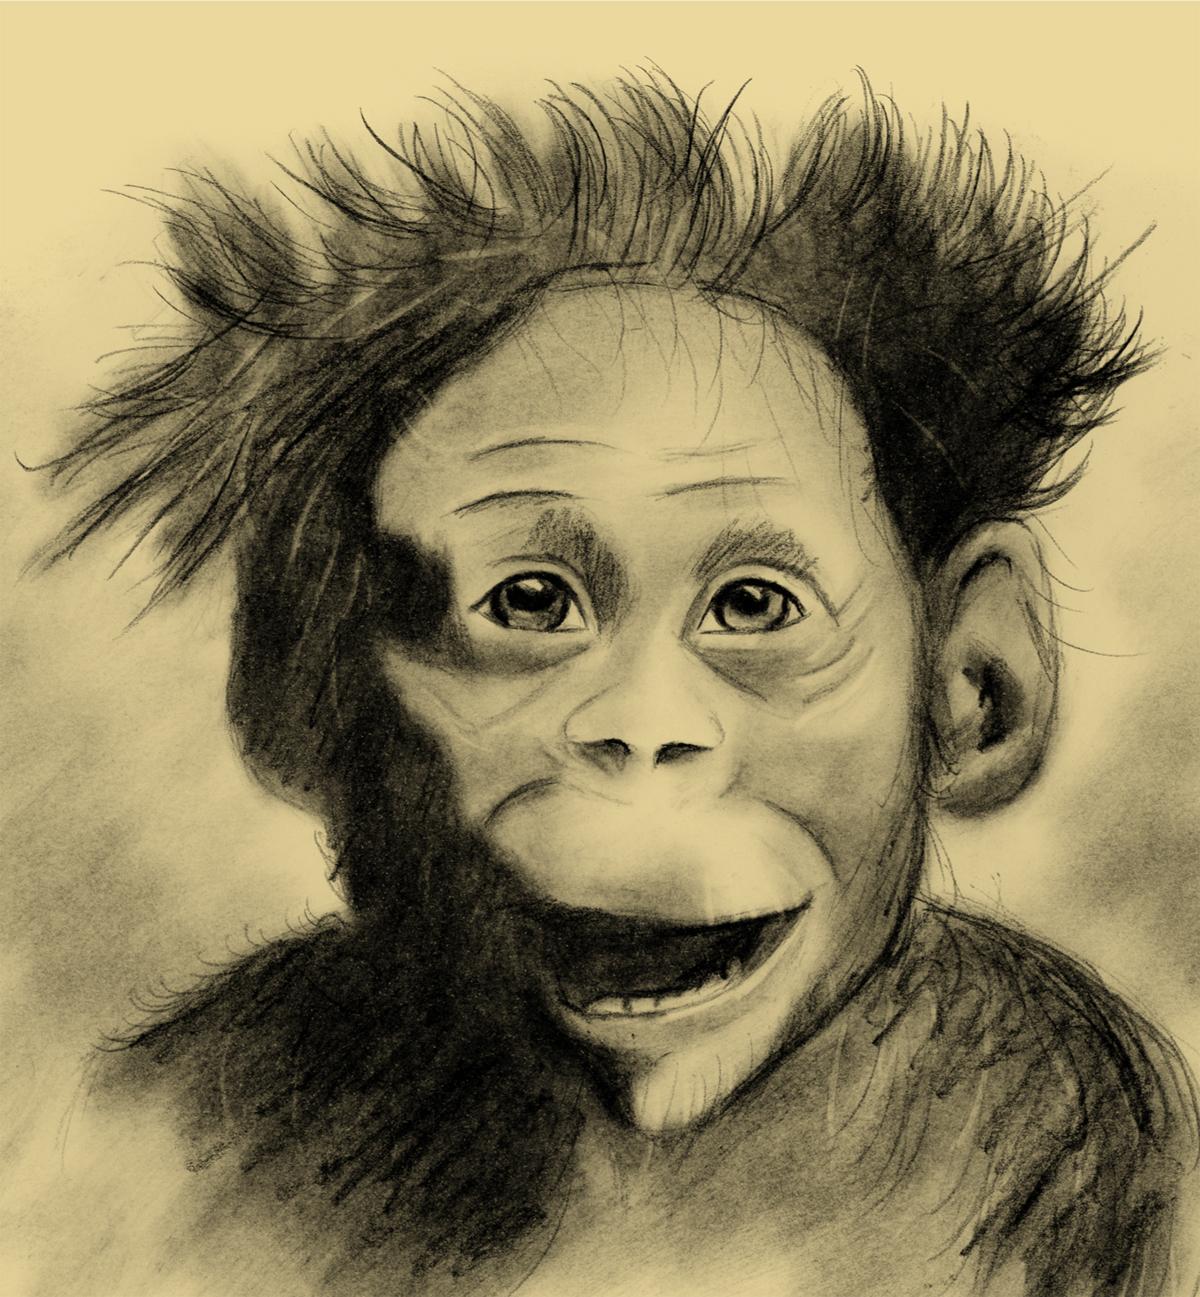 Salem nasceu na Etiópia e morreu aos três anos de idade e ainda tinha dentes de leite